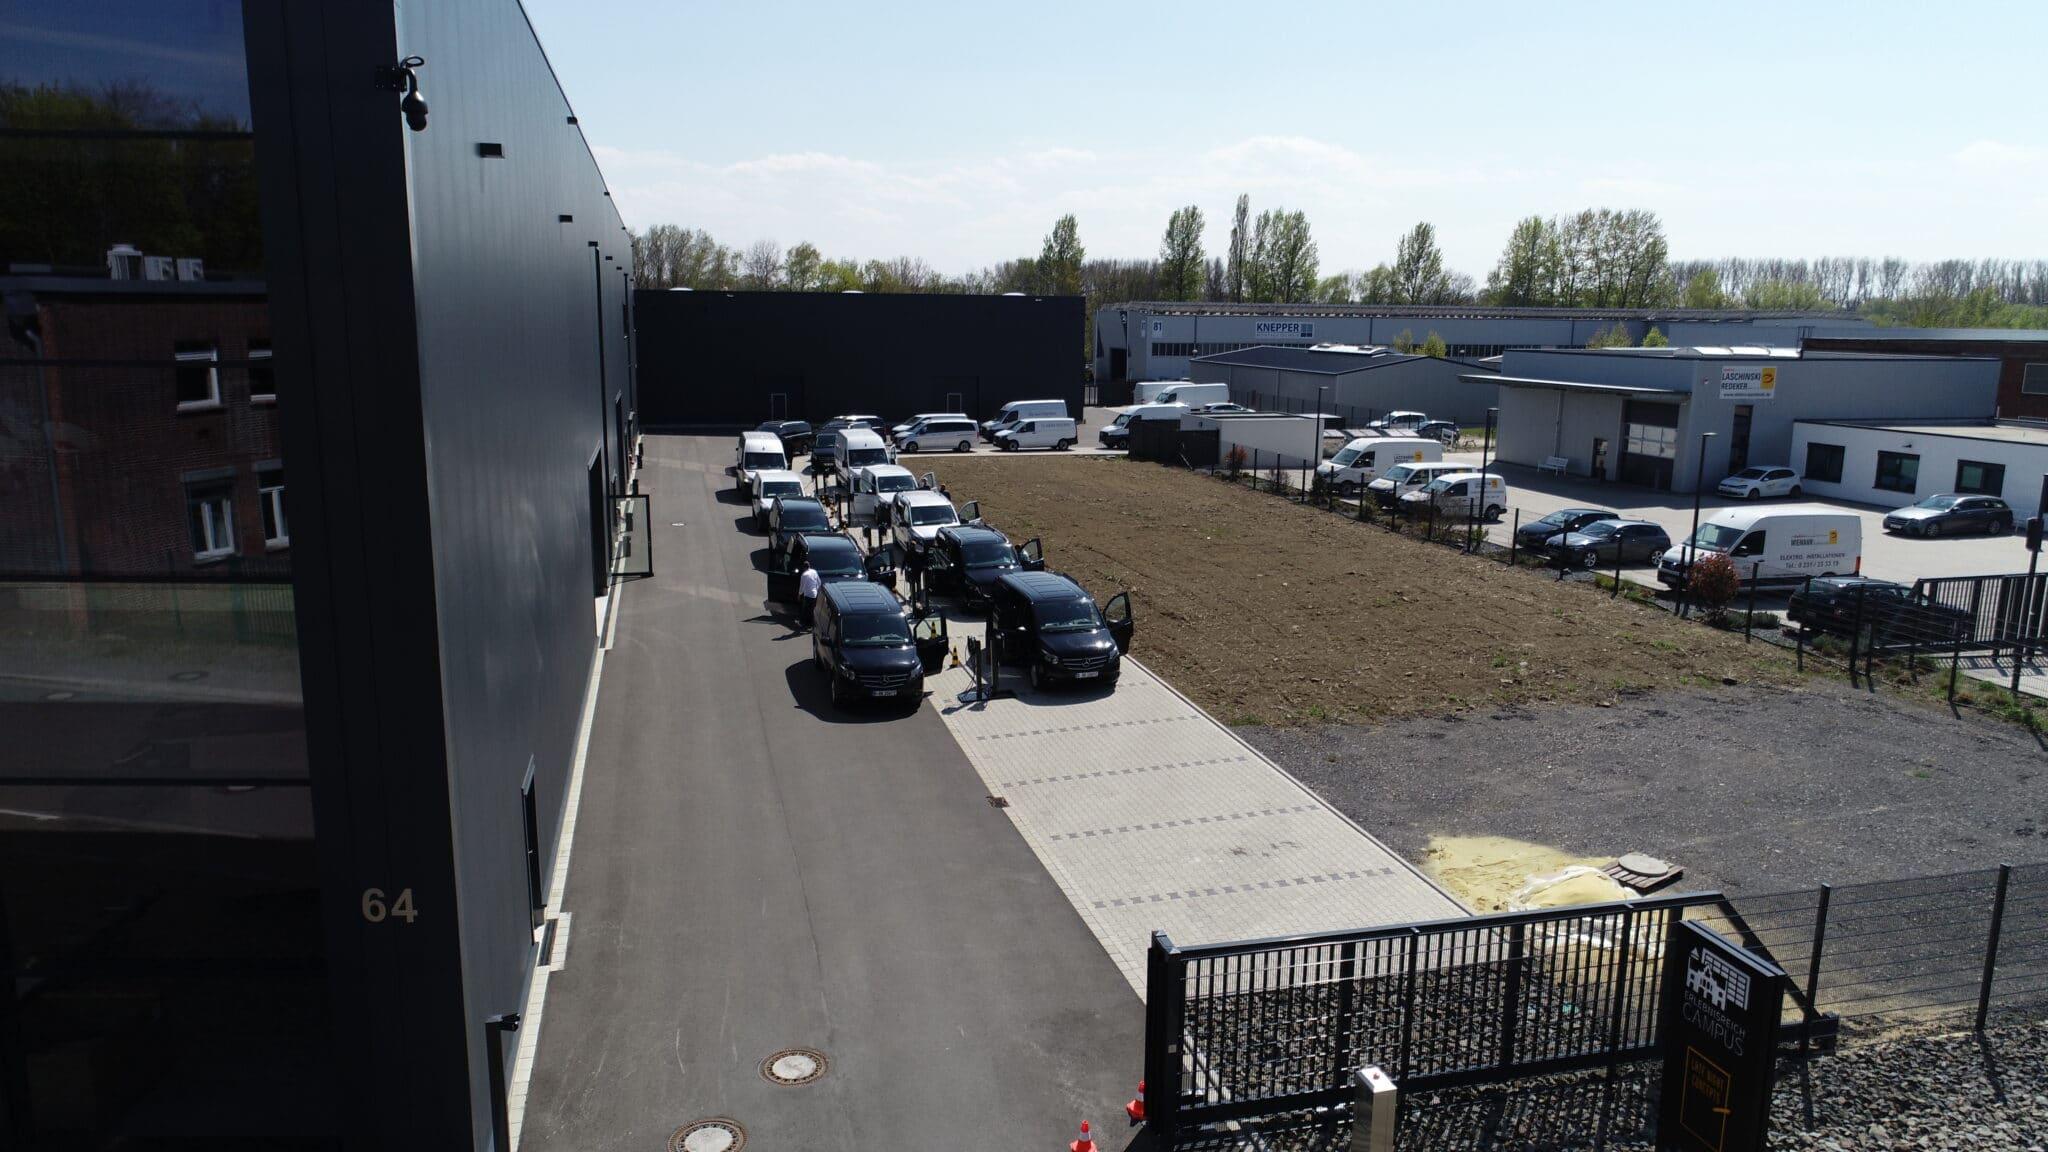 Mercedes-Benz Elektrovans werden während eines Events an den mobilen Wallboxen des Erlebnisreich Campus aufgeladen.